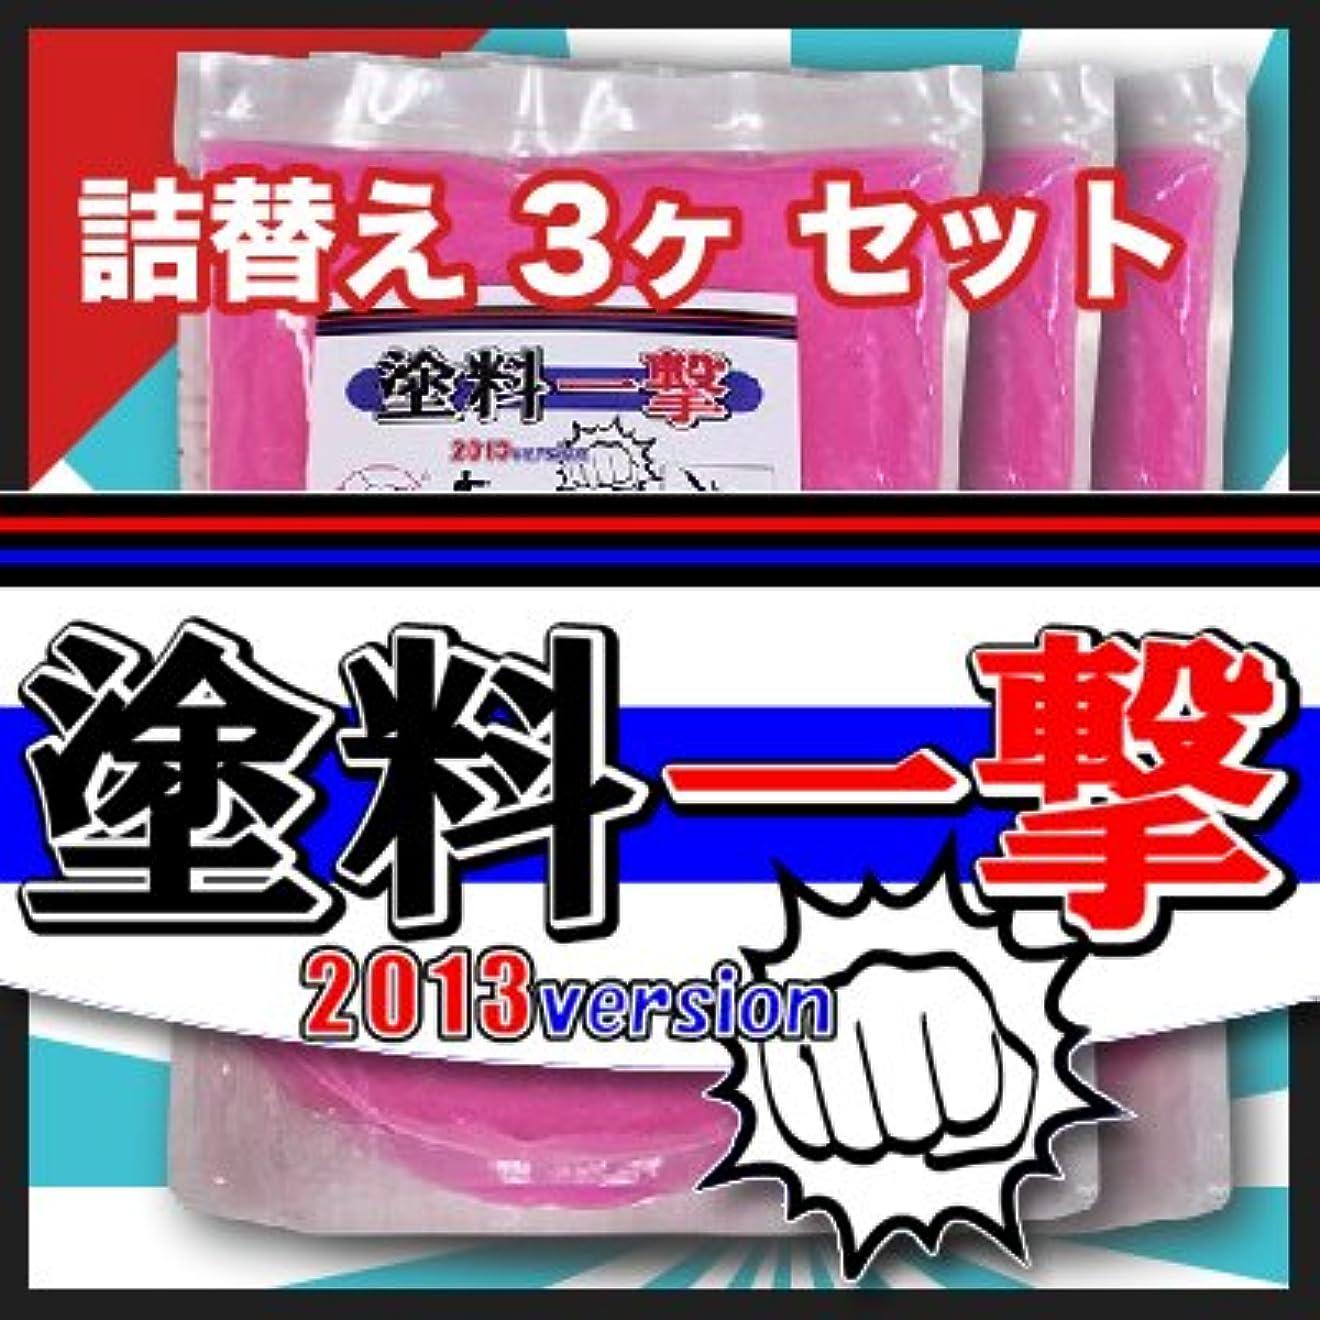 チーズ予算タバコD.Iプランニング 塗料一撃 2013 Version 詰替え (1.2kg x 3ヶ)